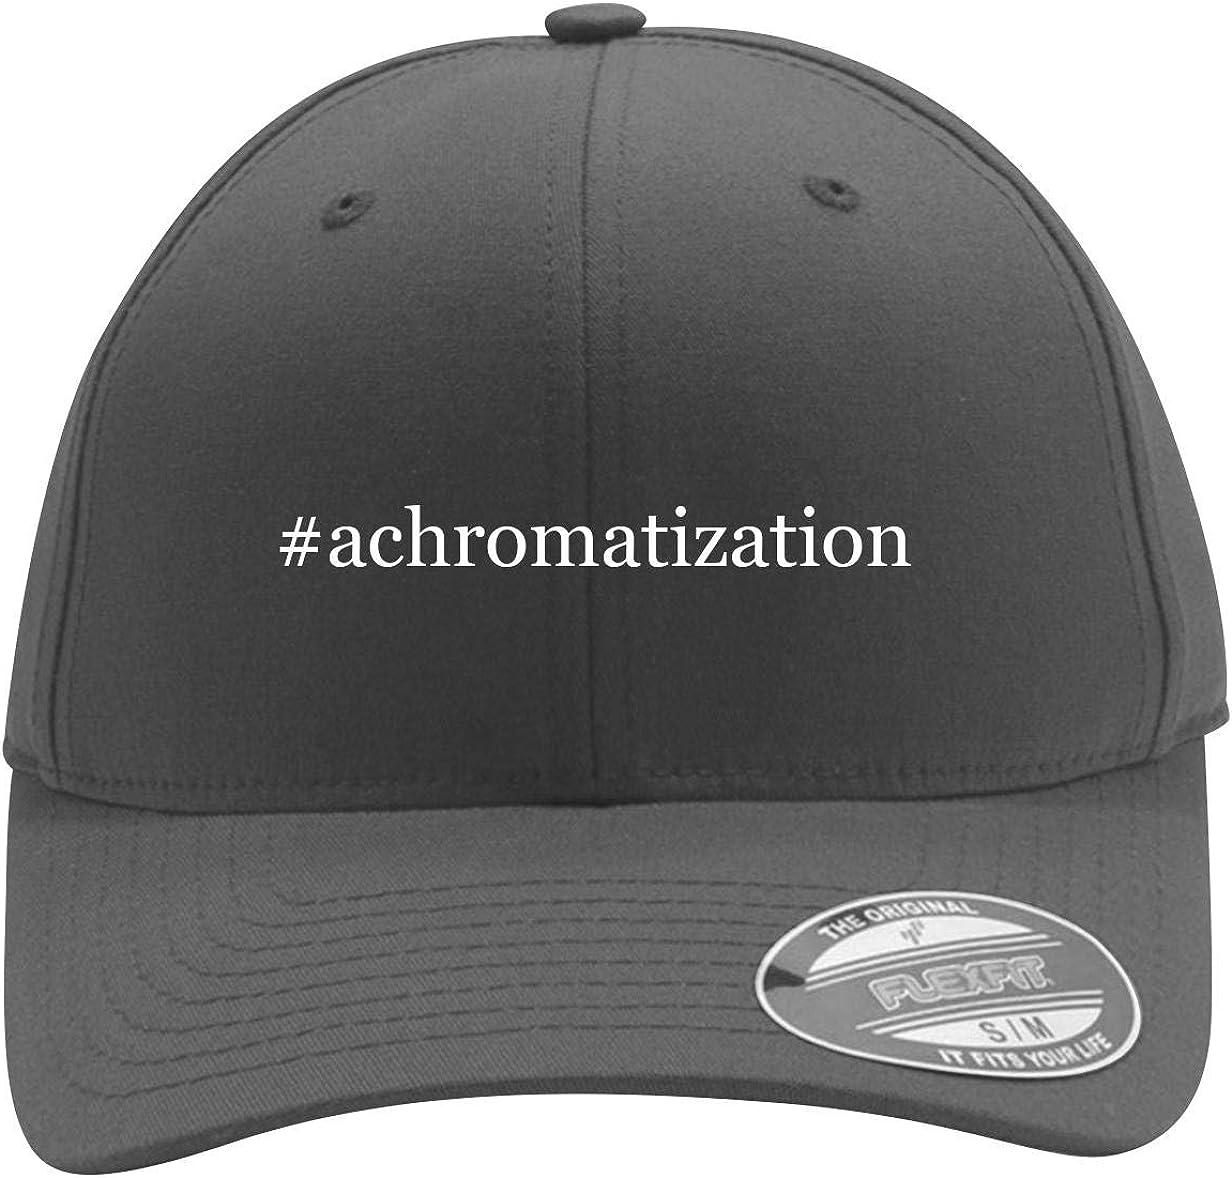 #Achromatization - Men's Hashtag Flexfit Baseball Cap Hat 61eETXLx65L